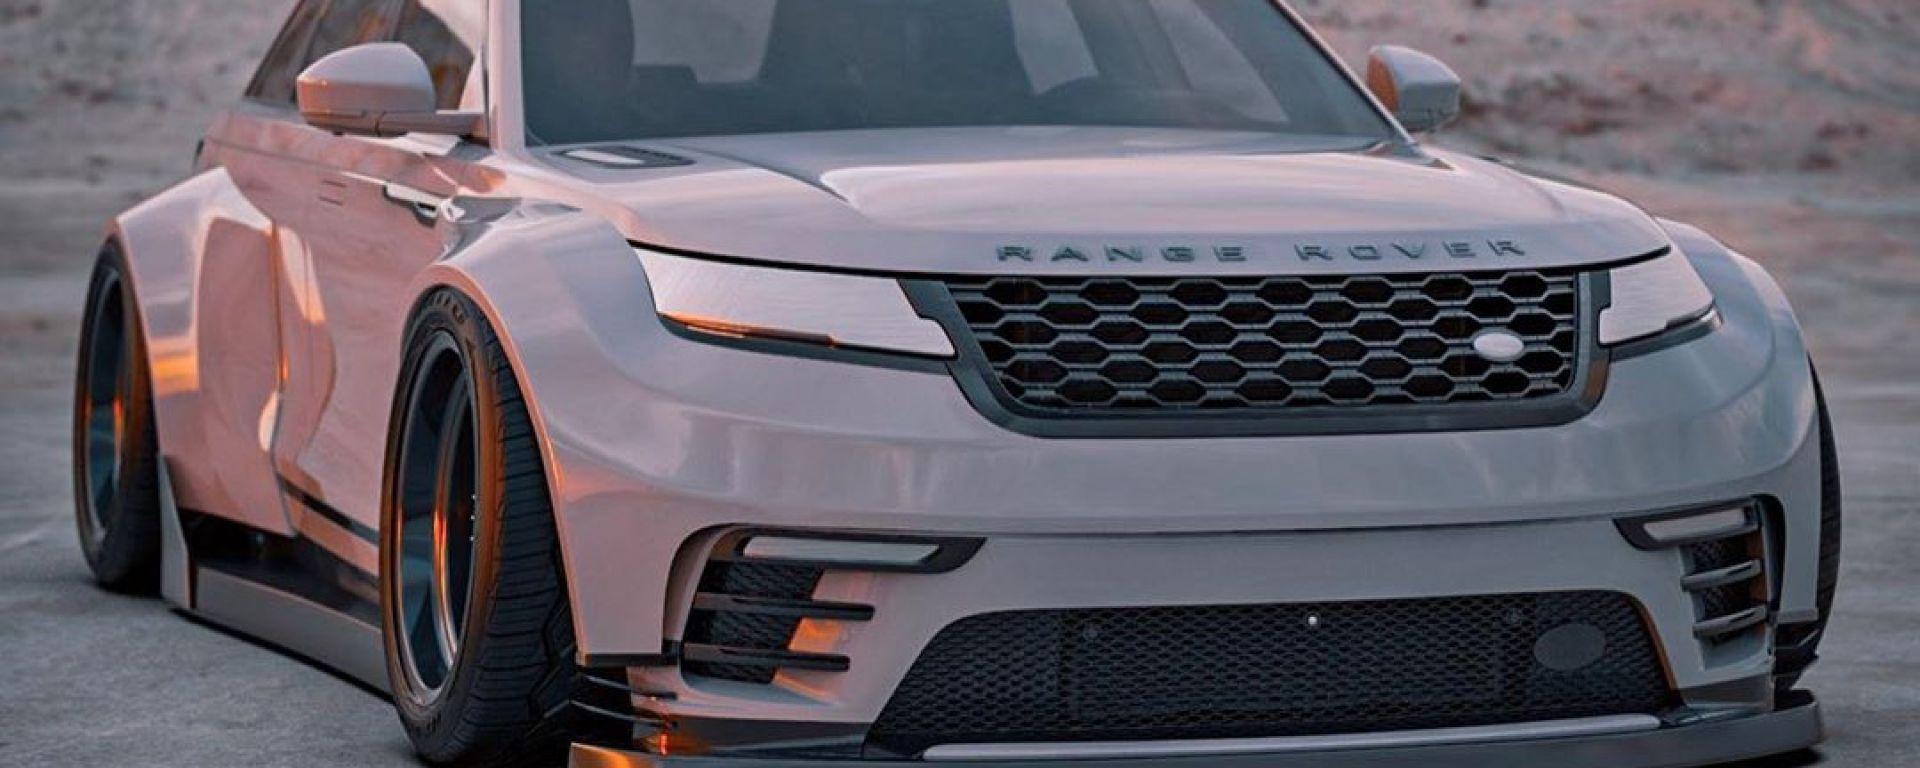 Range Rover Velar: il rendering di BradBuilds